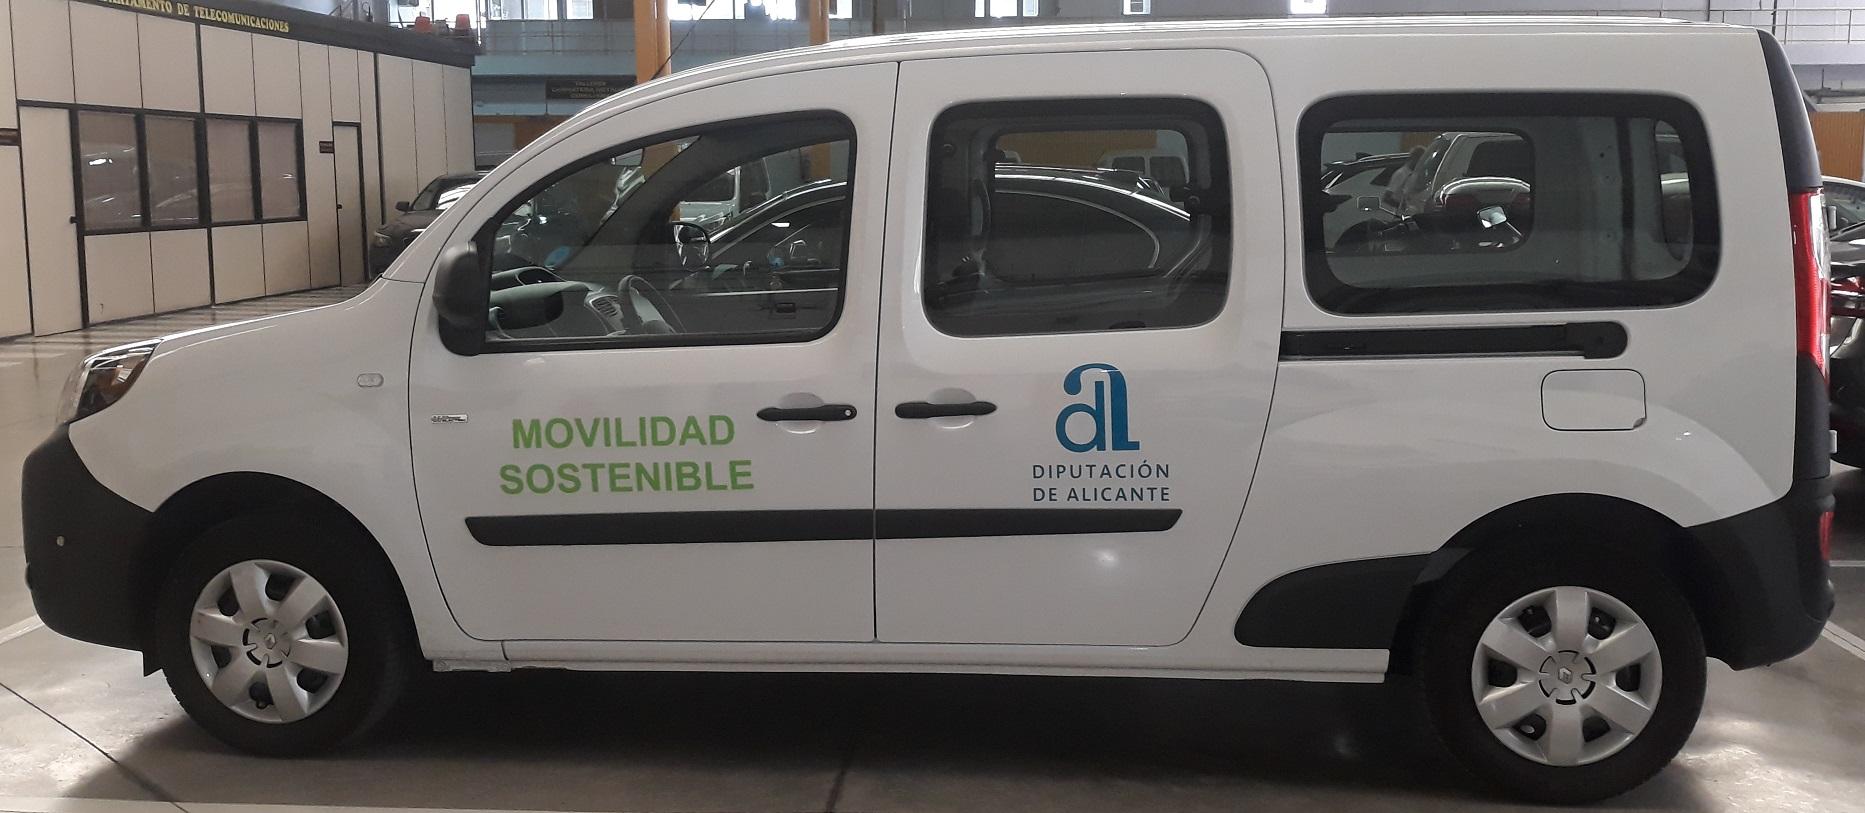 Vehiculo eléctrico de la Diputación Alicante